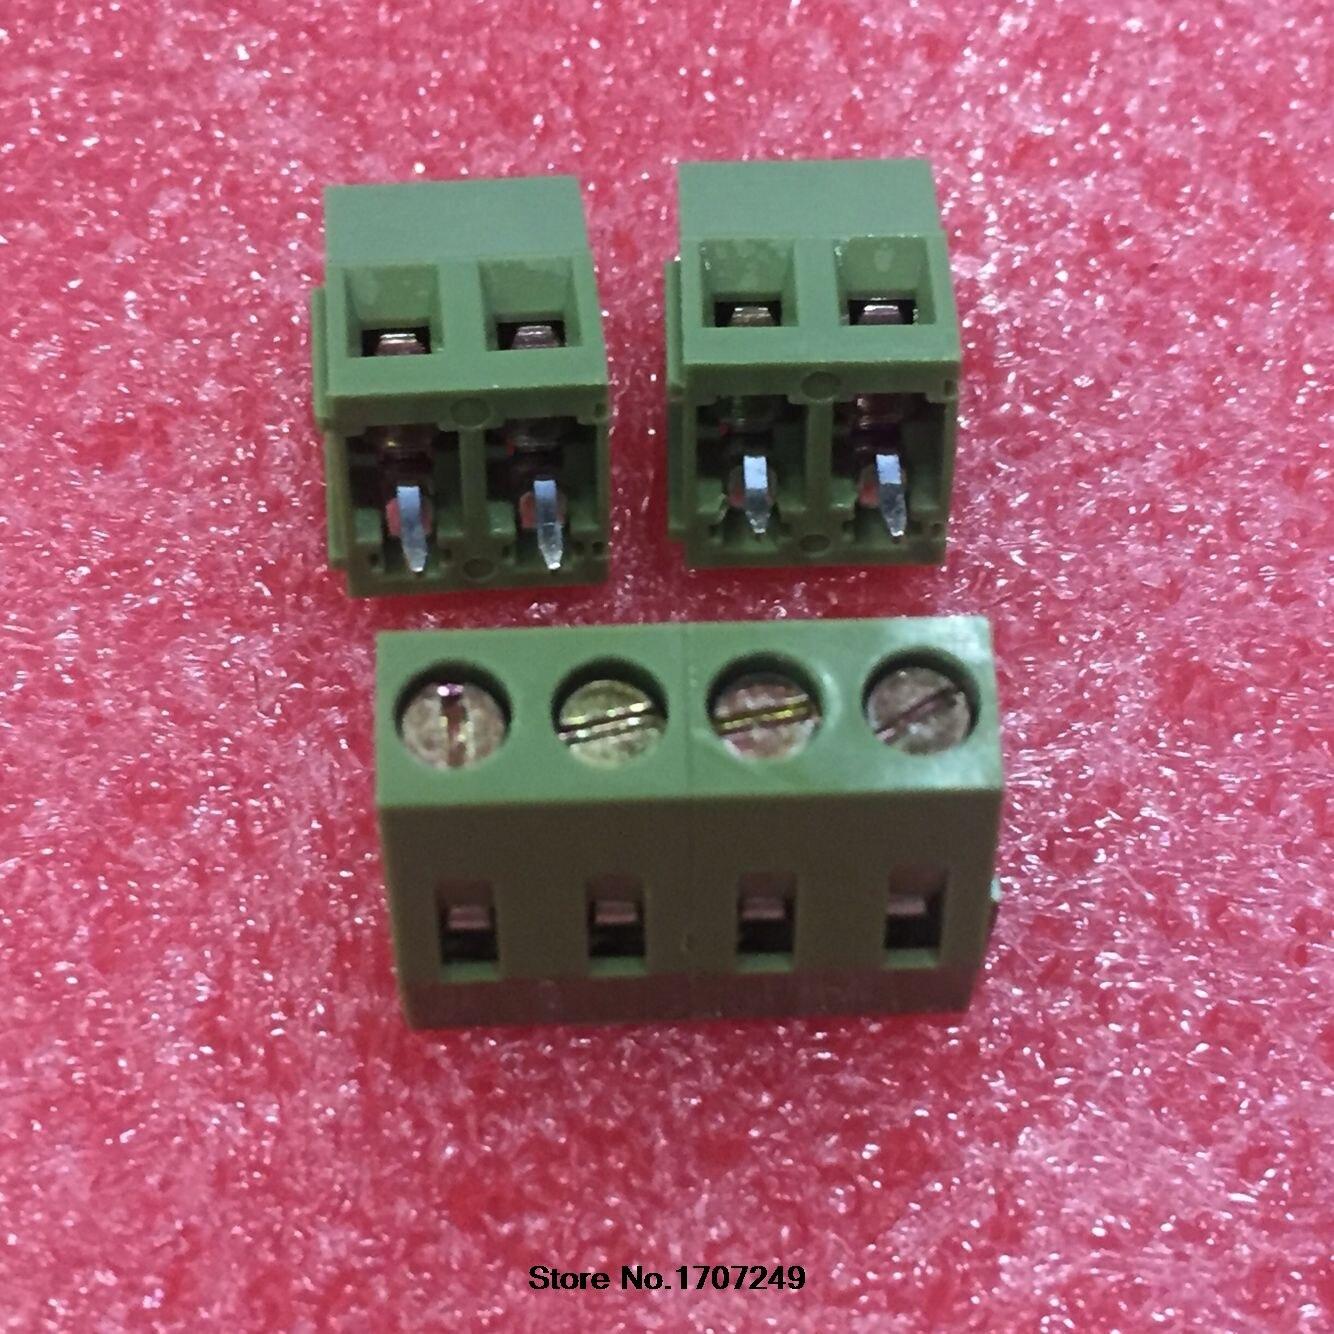 100 Stks Kf128-5.08-2p Kf128-2p Kf128 2pin 5.08mm Hoge Kwaliteit Milieu Koperen Voeten Pcb Schroef Blokaansluiting Rohs